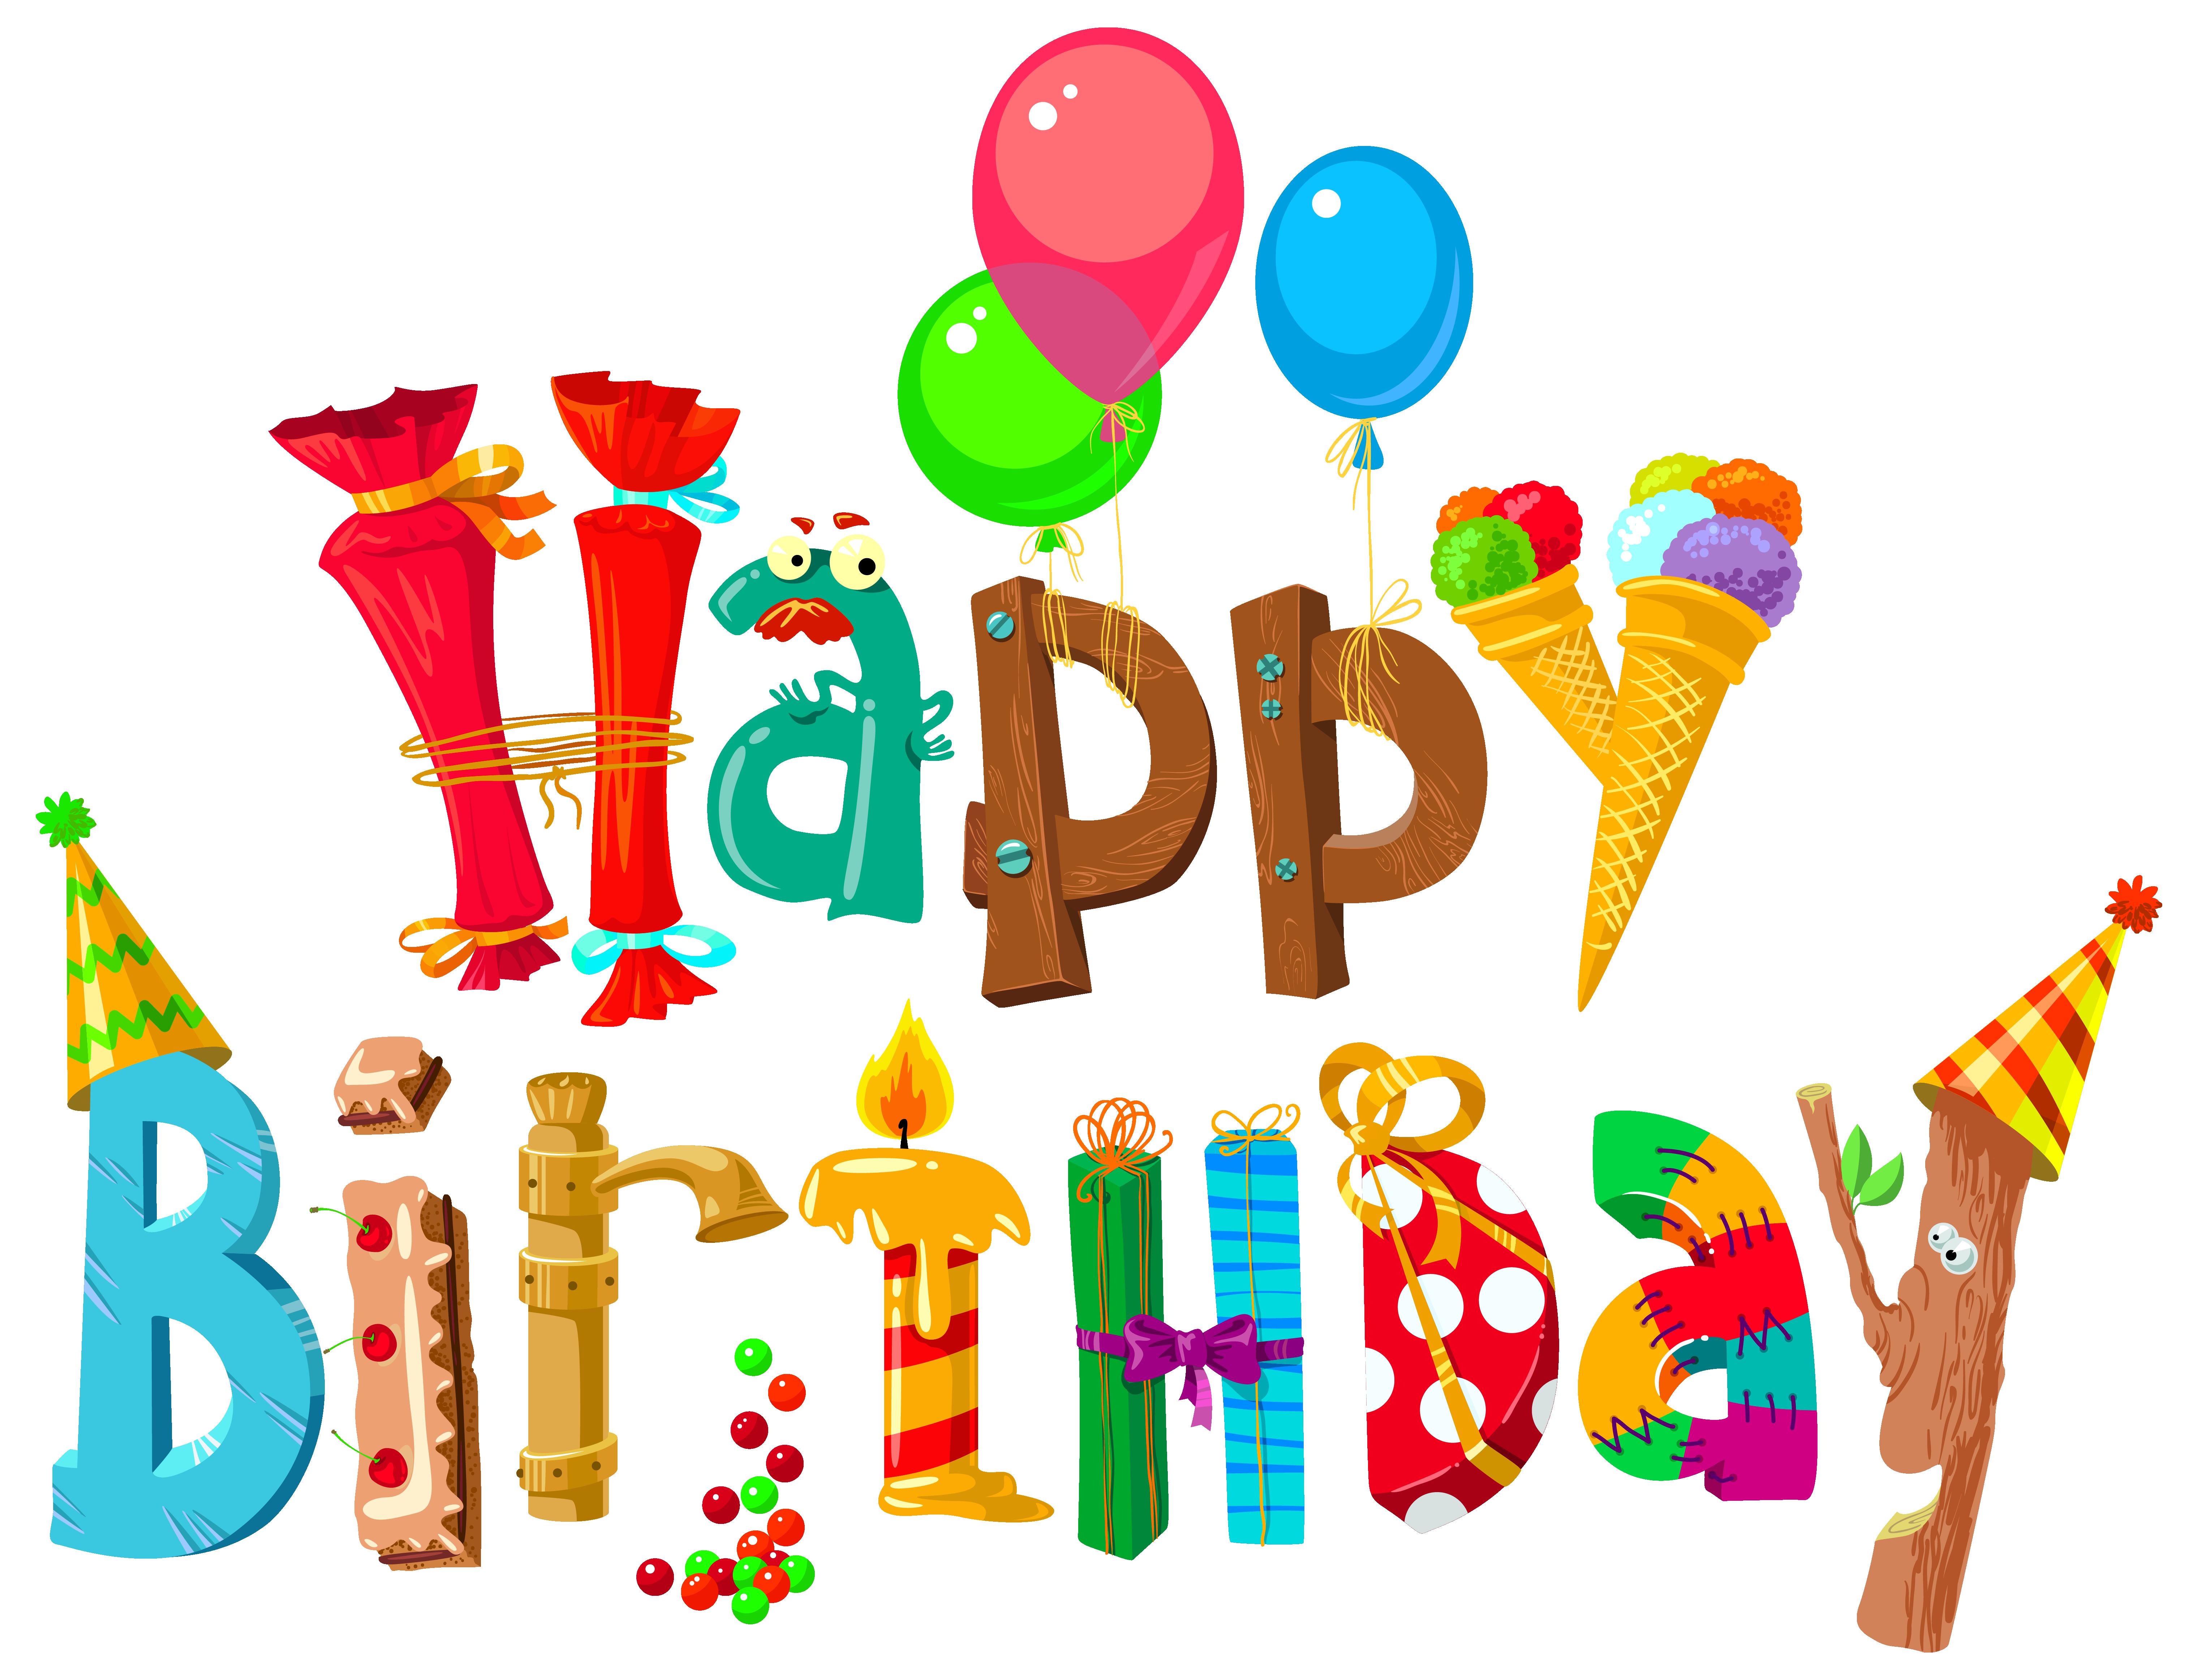 Birthday Clip Art U0026amp; Birthday Cli-Birthday Clip Art u0026amp; Birthday Clip Art Clip Art Images - ClipartALL clipartall.com-3